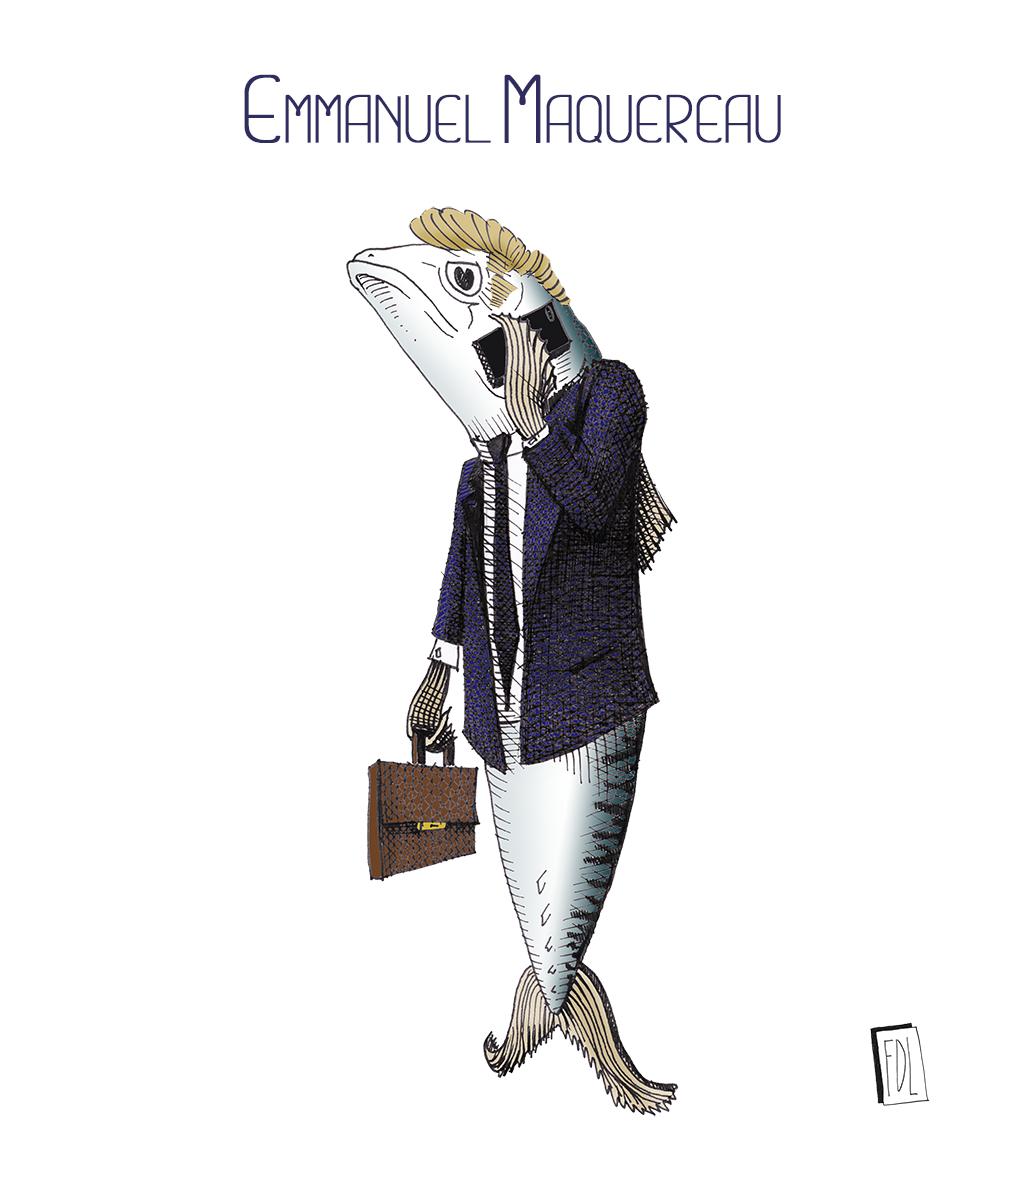 EMMANUEL MAQUEREAU